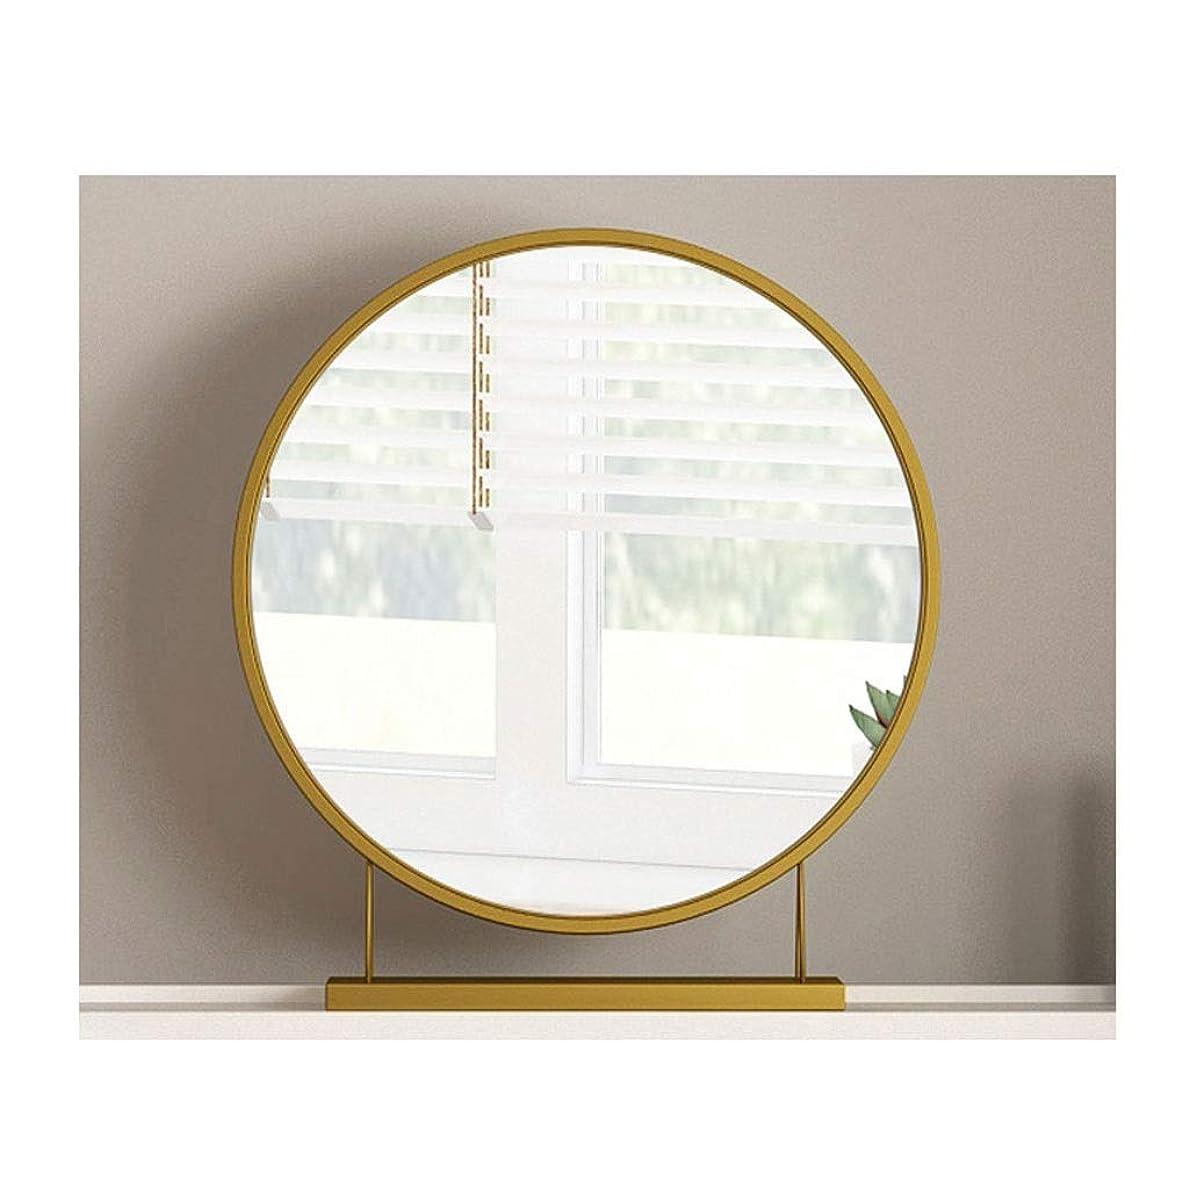 ふくろう納税者未就学JJJJD バスルームミラー洗面台ミラー壁掛け化粧鏡 (Color : Golden, Size : 50*10*54)